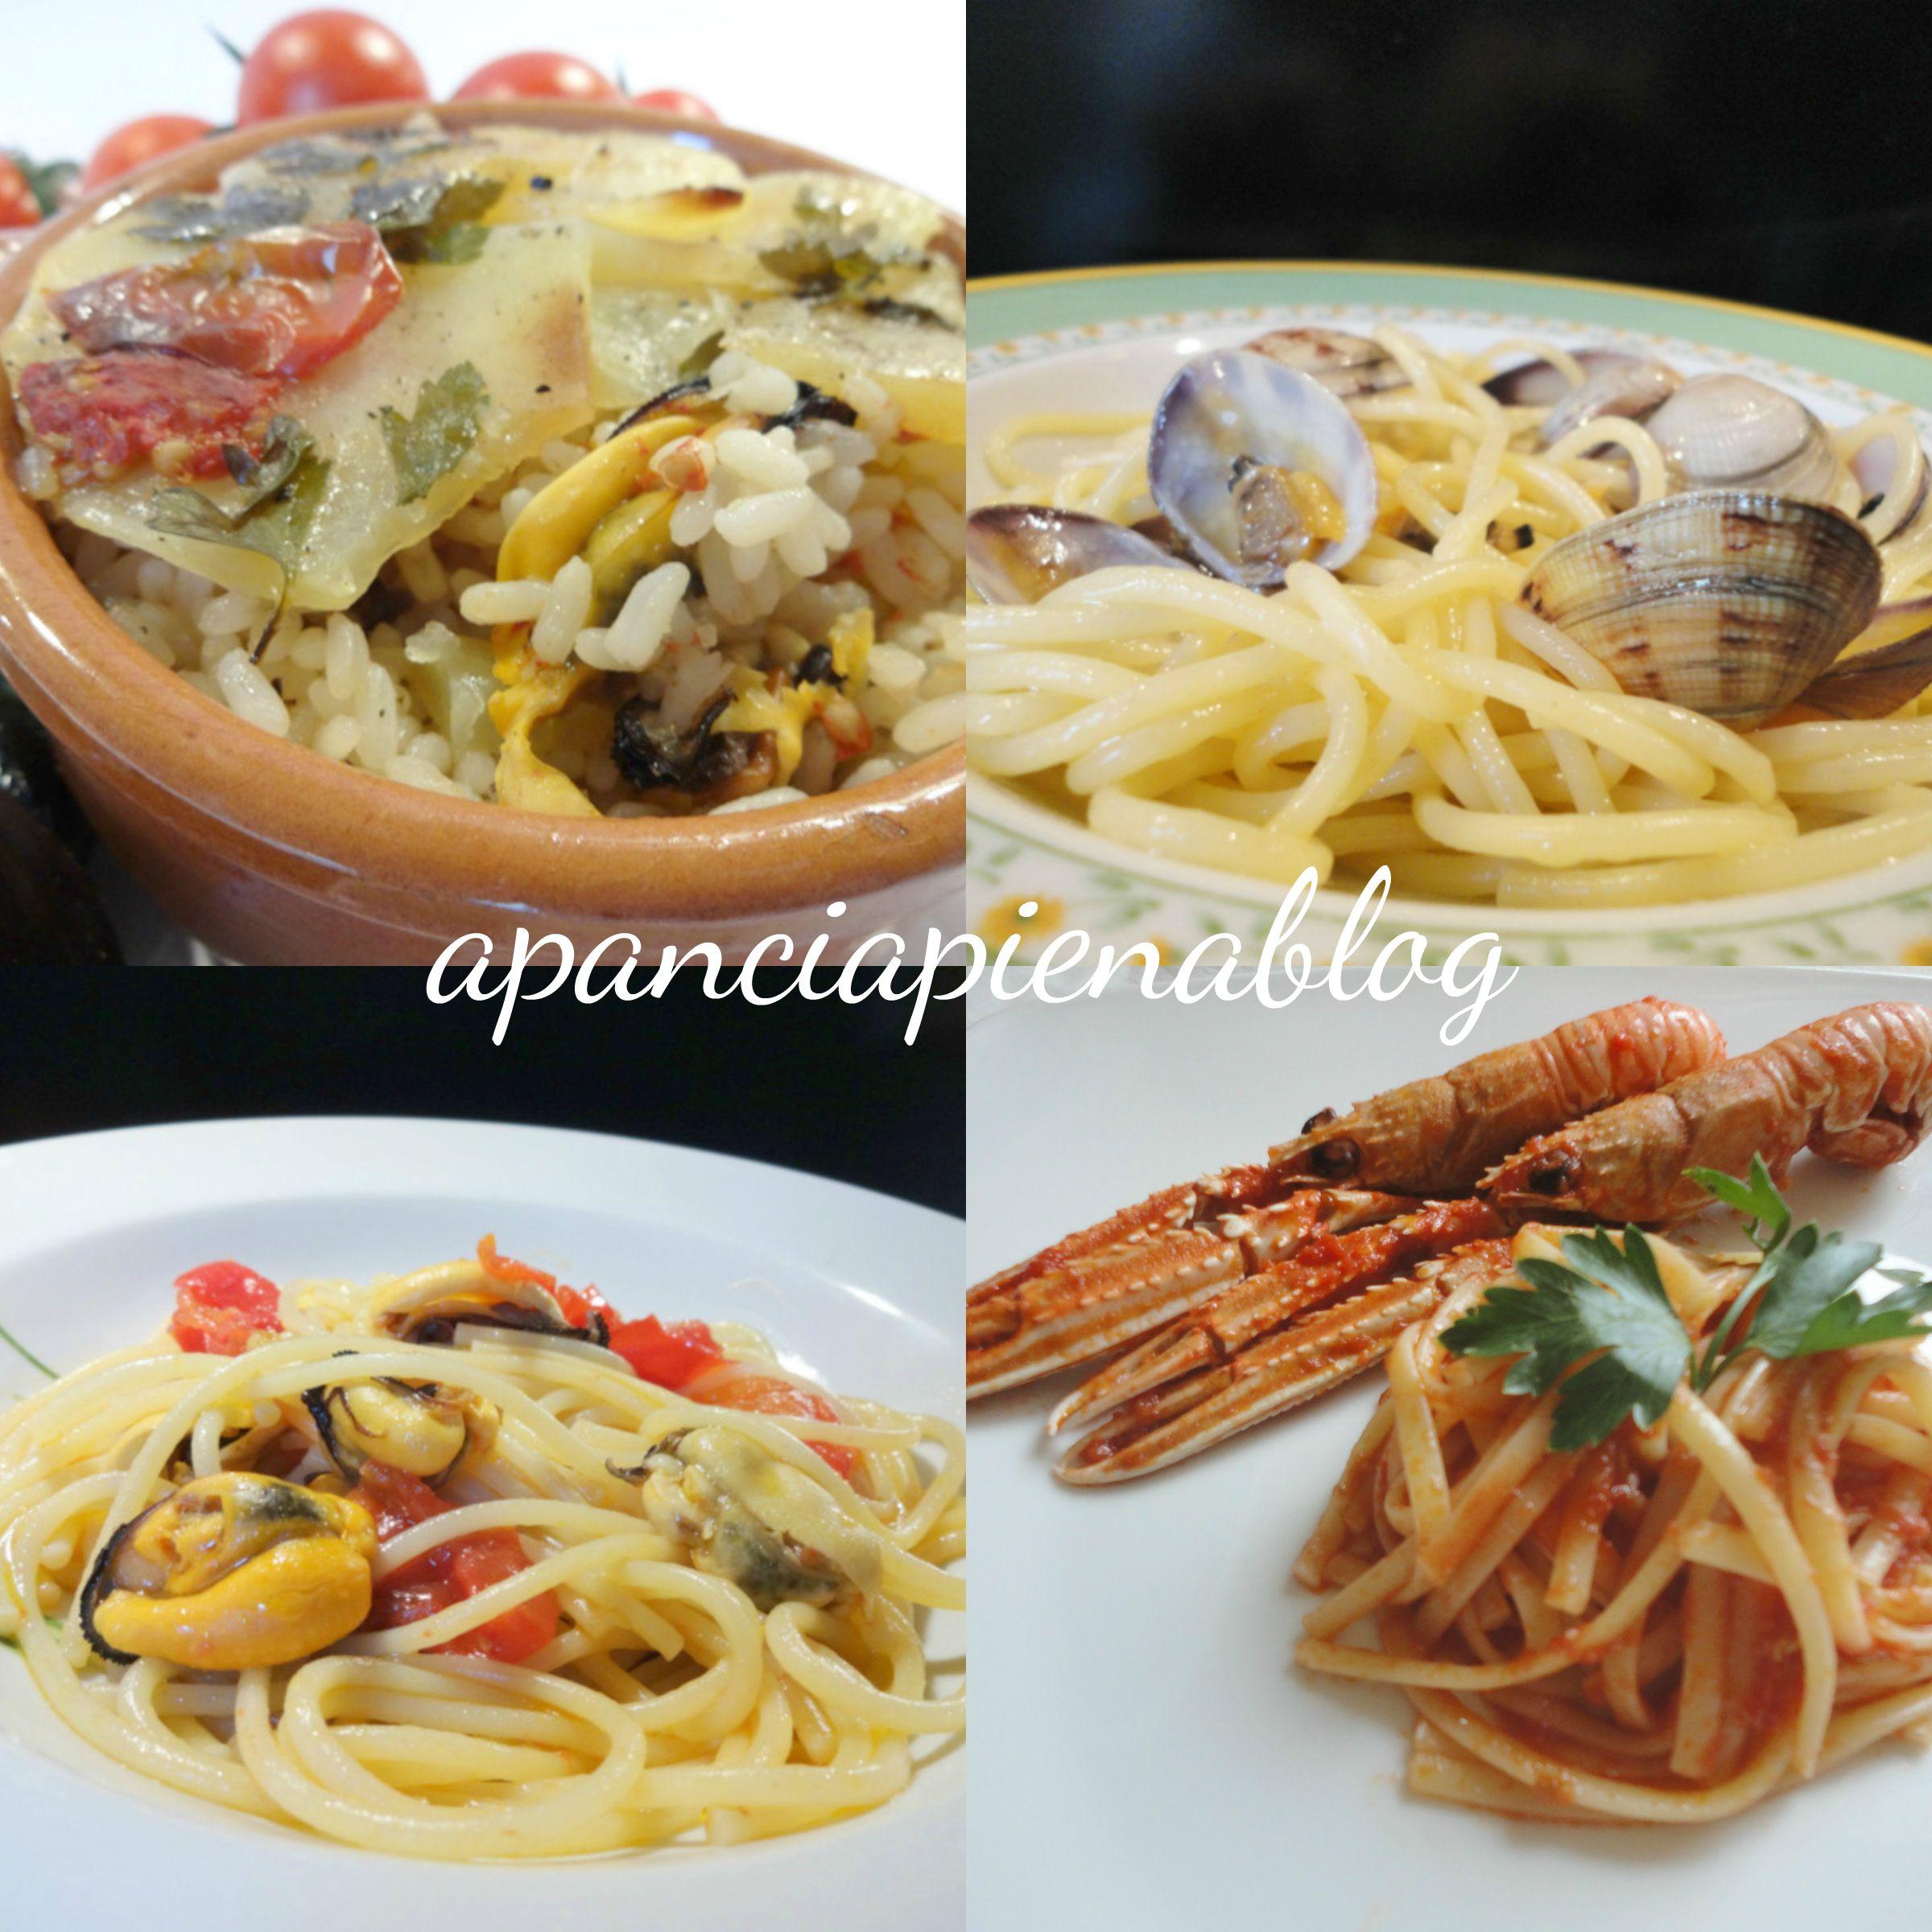 Speciale primi piatti di pesce ricette d 39 estate for Primi piatti di pesce ricette